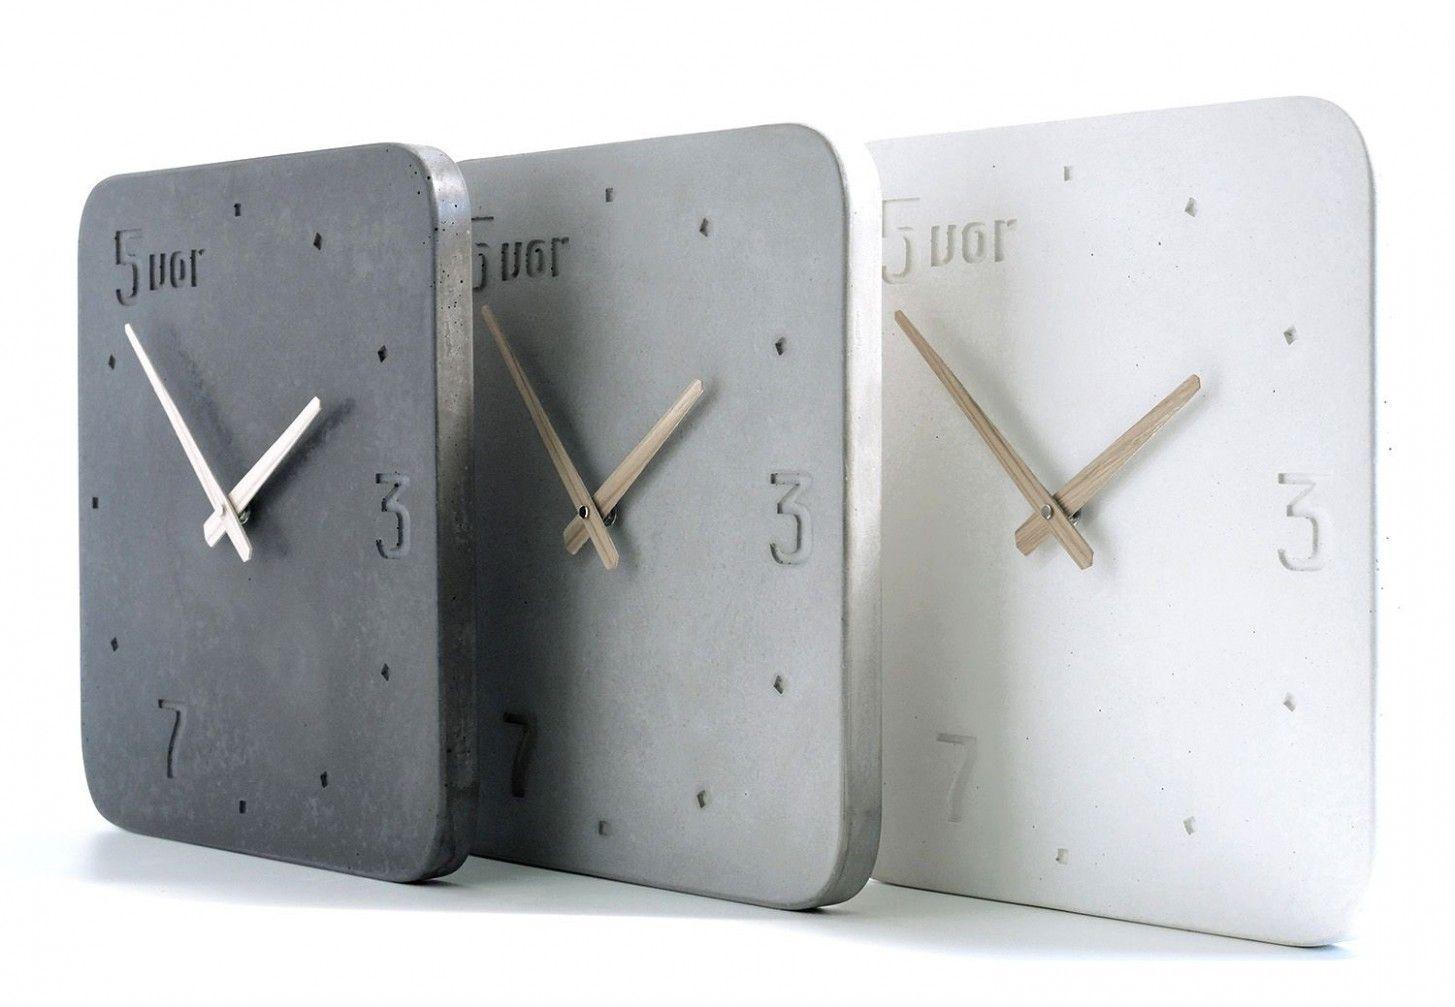 Moderne Uhr Küche Check More At Https Baladevahome Com Moderne Uhr K C3 Bcche Wanduhr Betonuhr Wanduhren Modern